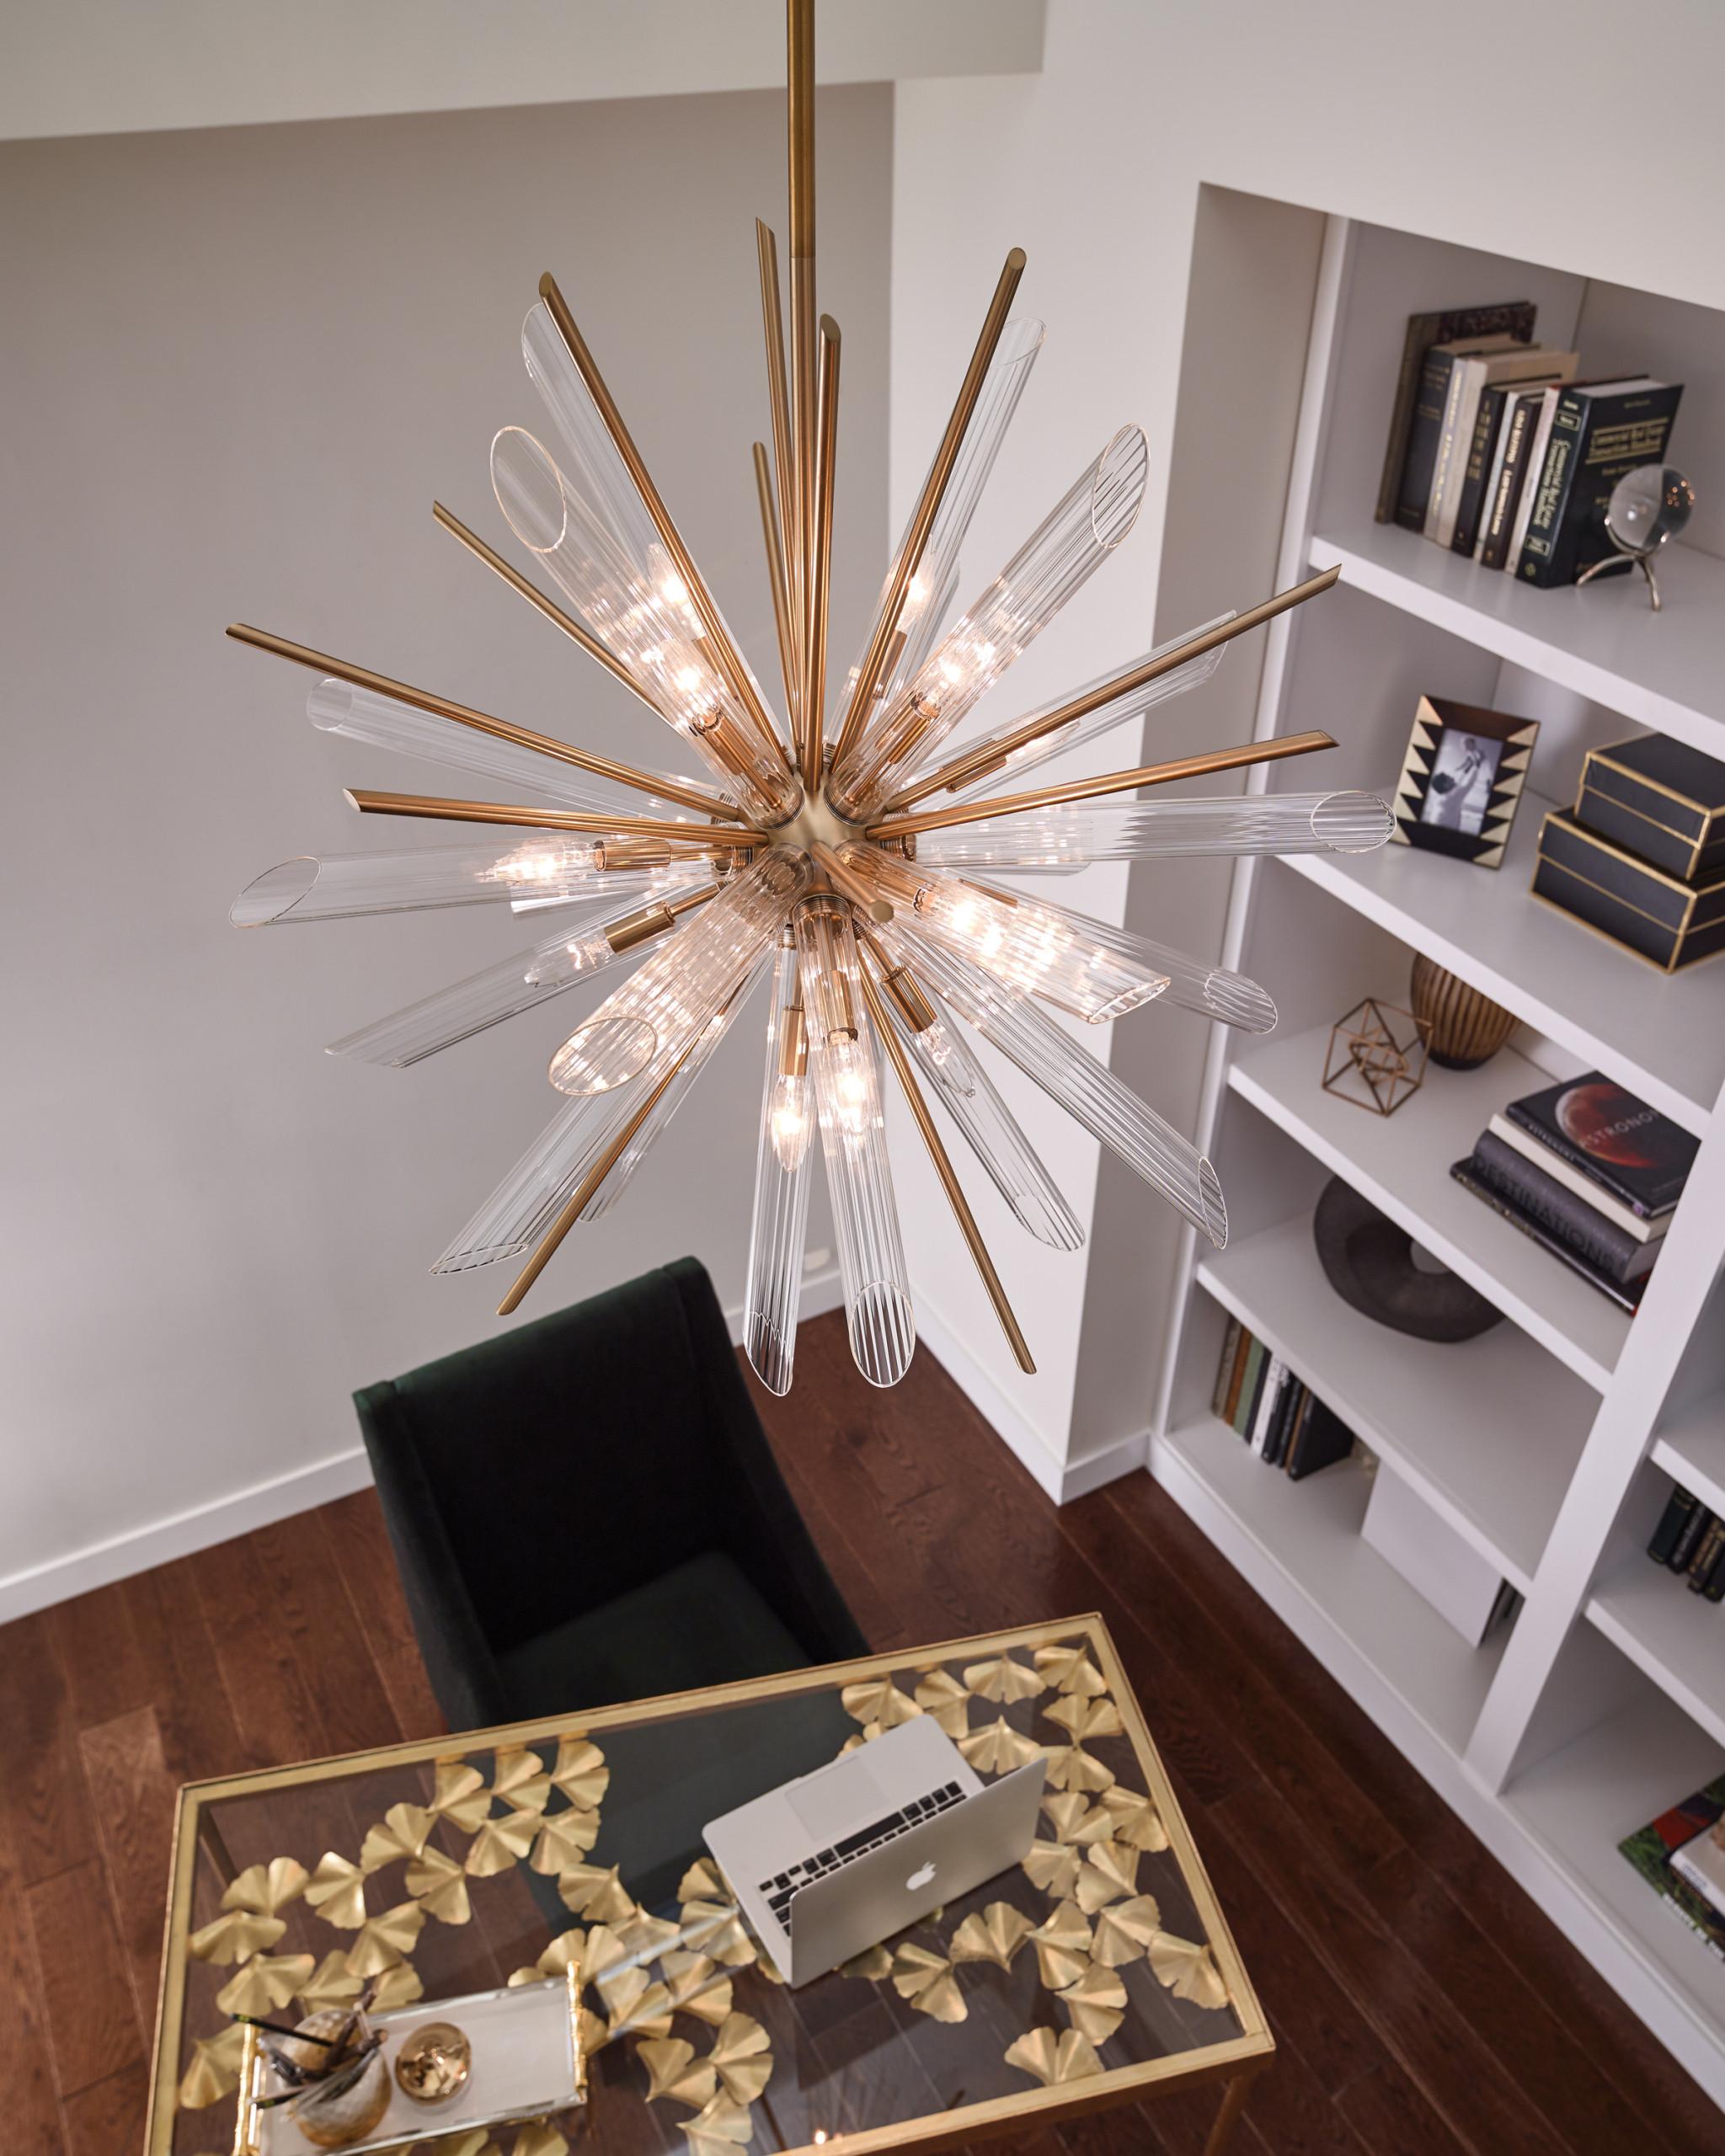 Overhead Lighting Home Office Ideas Photos Houzz